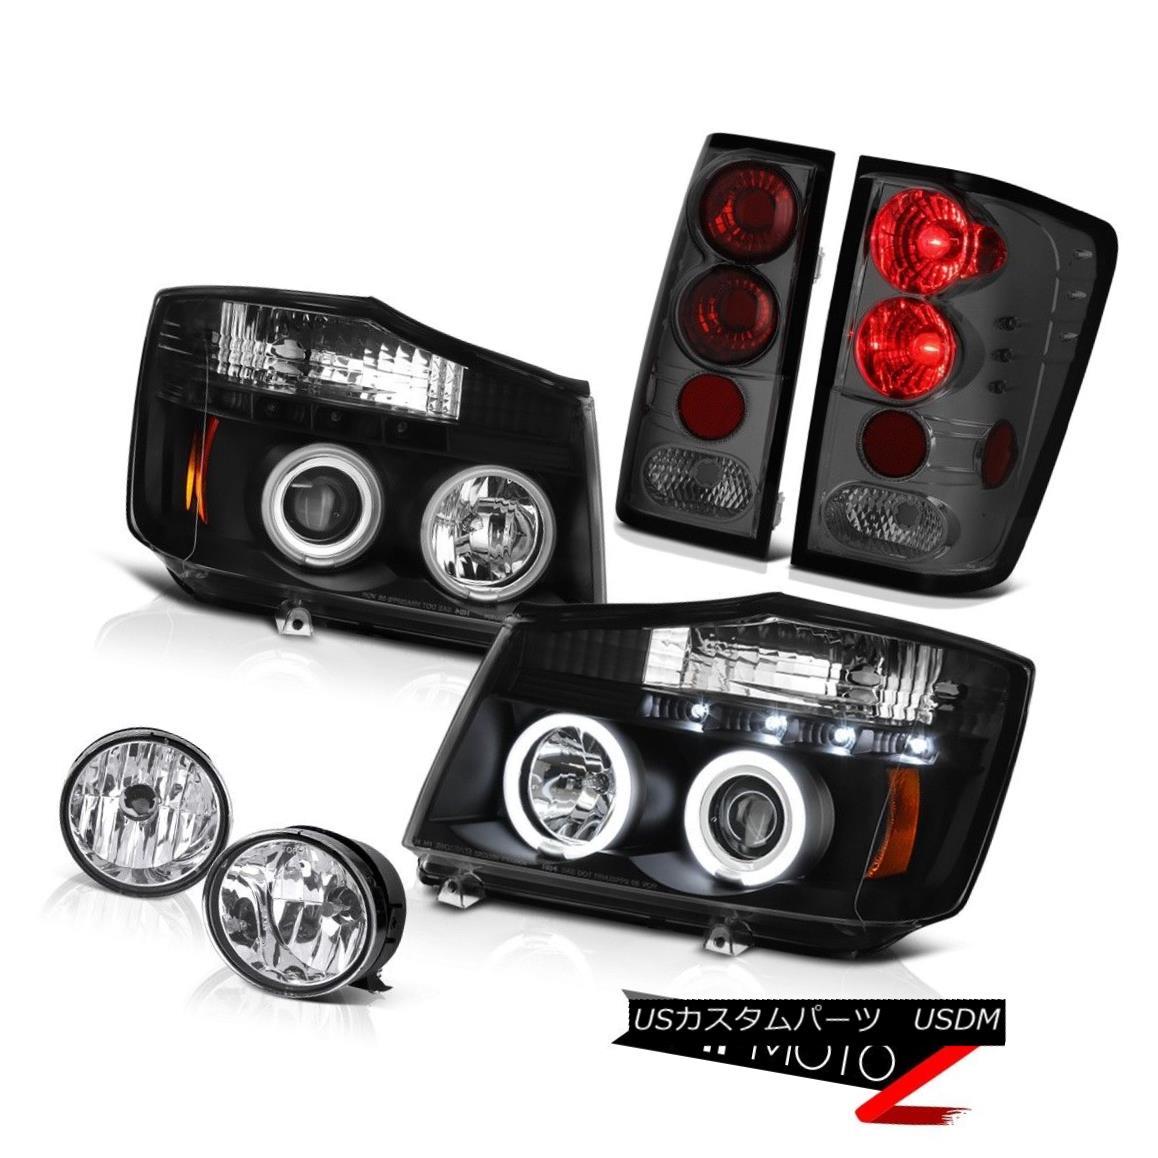 テールライト For 2004-2015 Titan LE Black CCFL Angel Eye Headlight Smoke Taillight Bumper Fog 2004年から2015年の間タイタンLEブラックCCFLエンジェルアイヘッドライトスモークテールライトバンパーフォグ